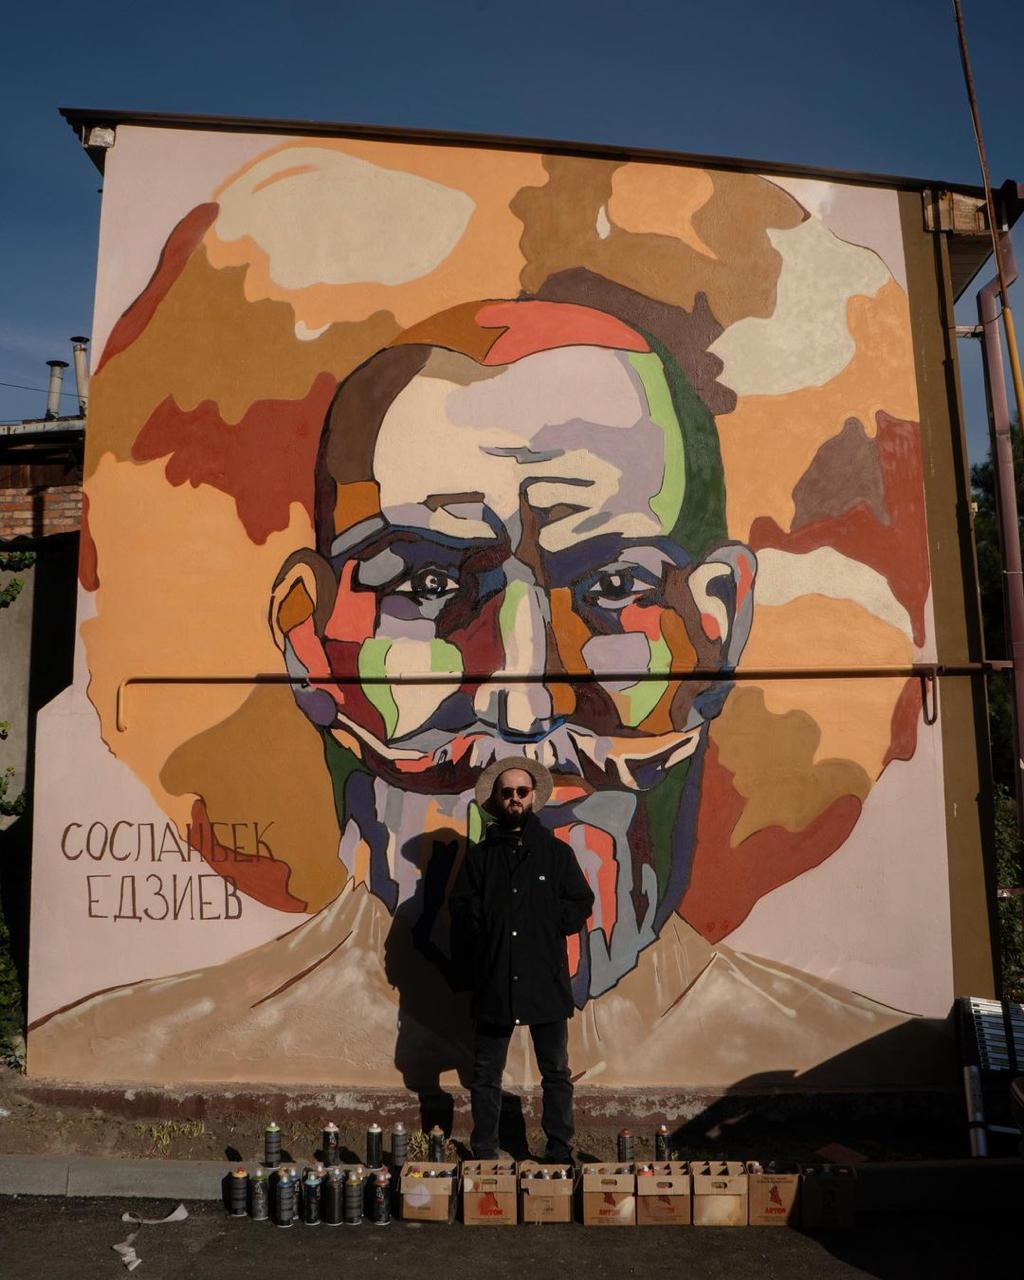 Художник нарисовал на стене  портрет Едзиева, потому что великому  скульптору не установлено  даже памятной плиты